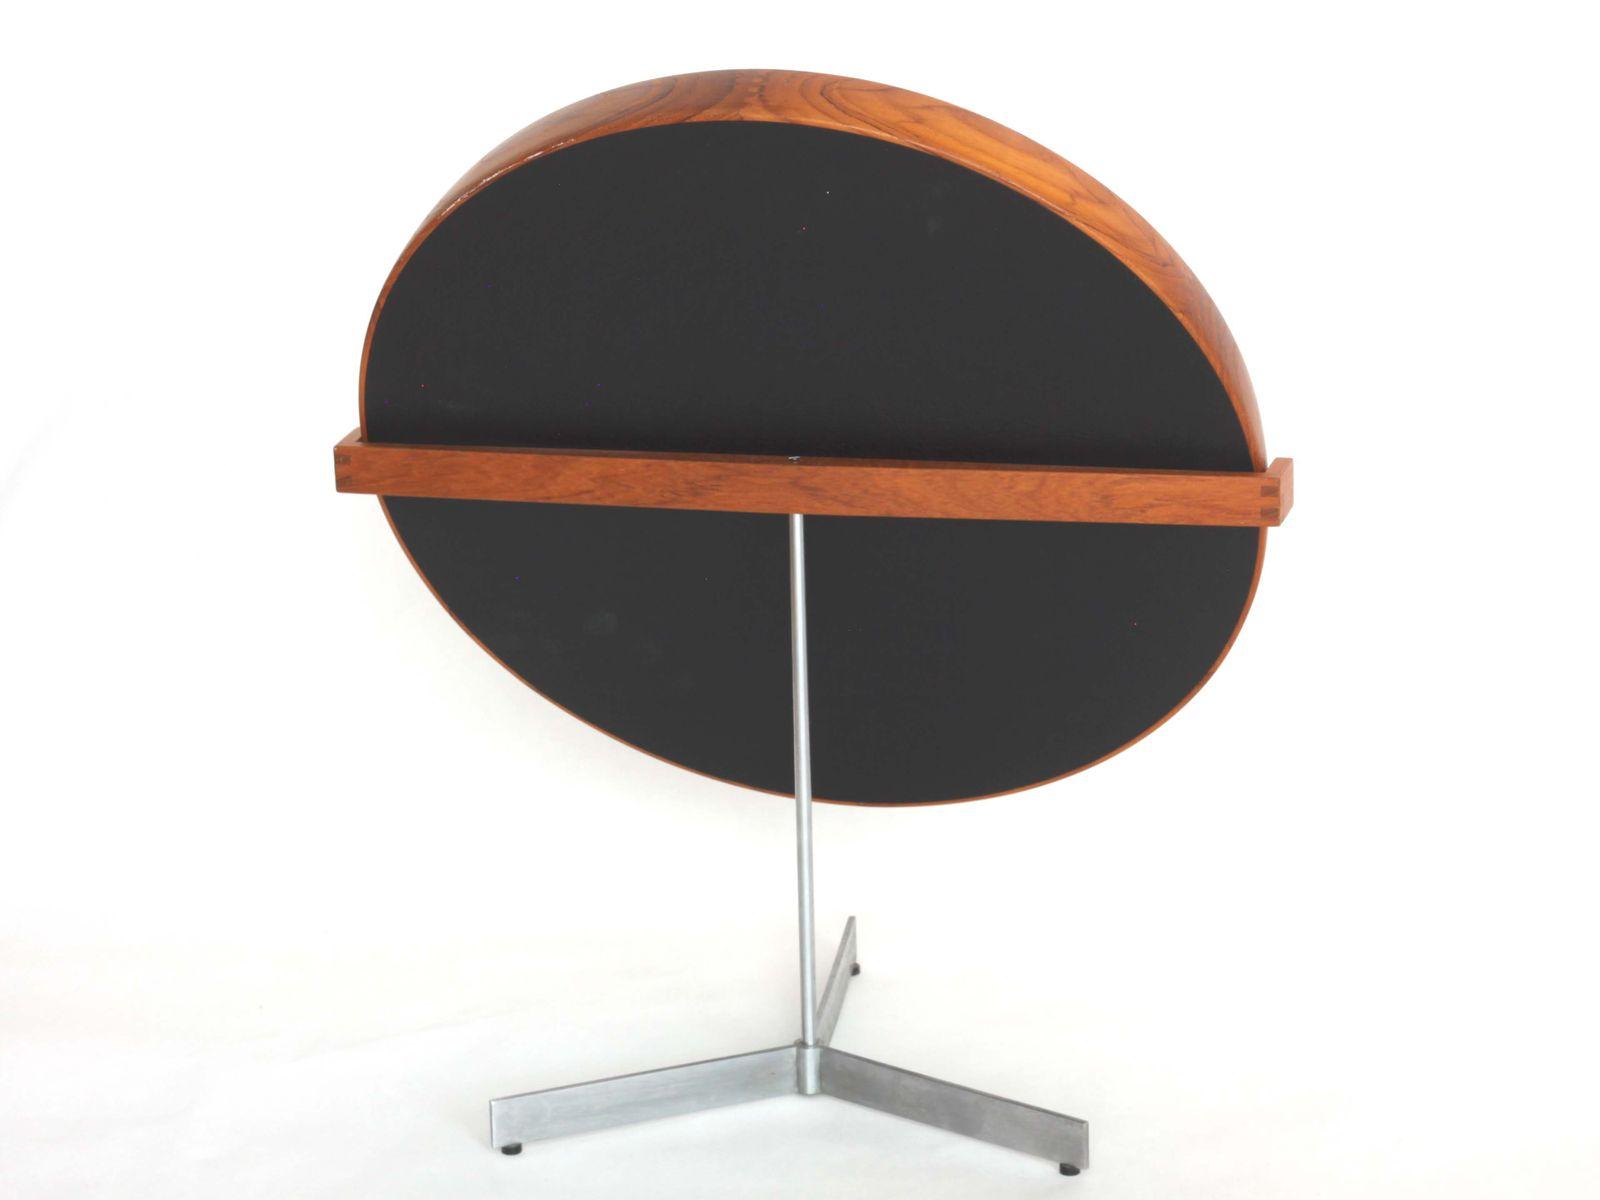 Schwedischer Tischspiegel aus Nussholz & Stahl von Uno ...